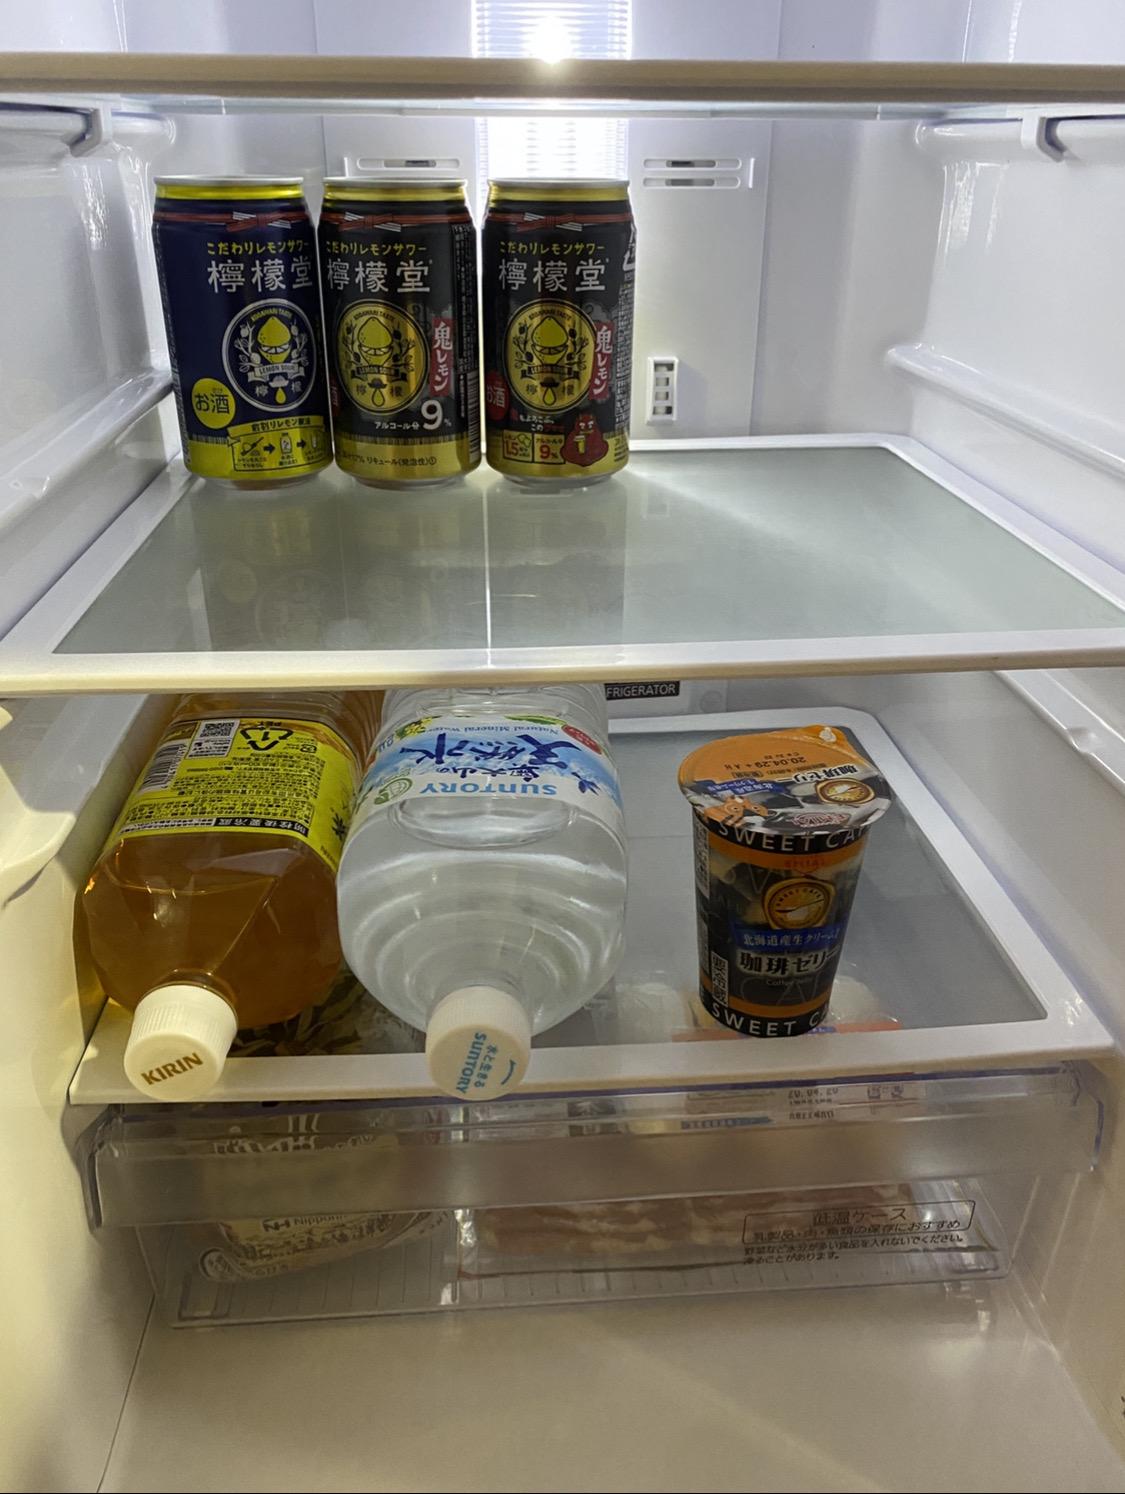 【画像】クソ野郎のガチ一人暮らしの冷蔵庫の中身wwwwwwwwwwwwwwwwwwwwwwwwwwww